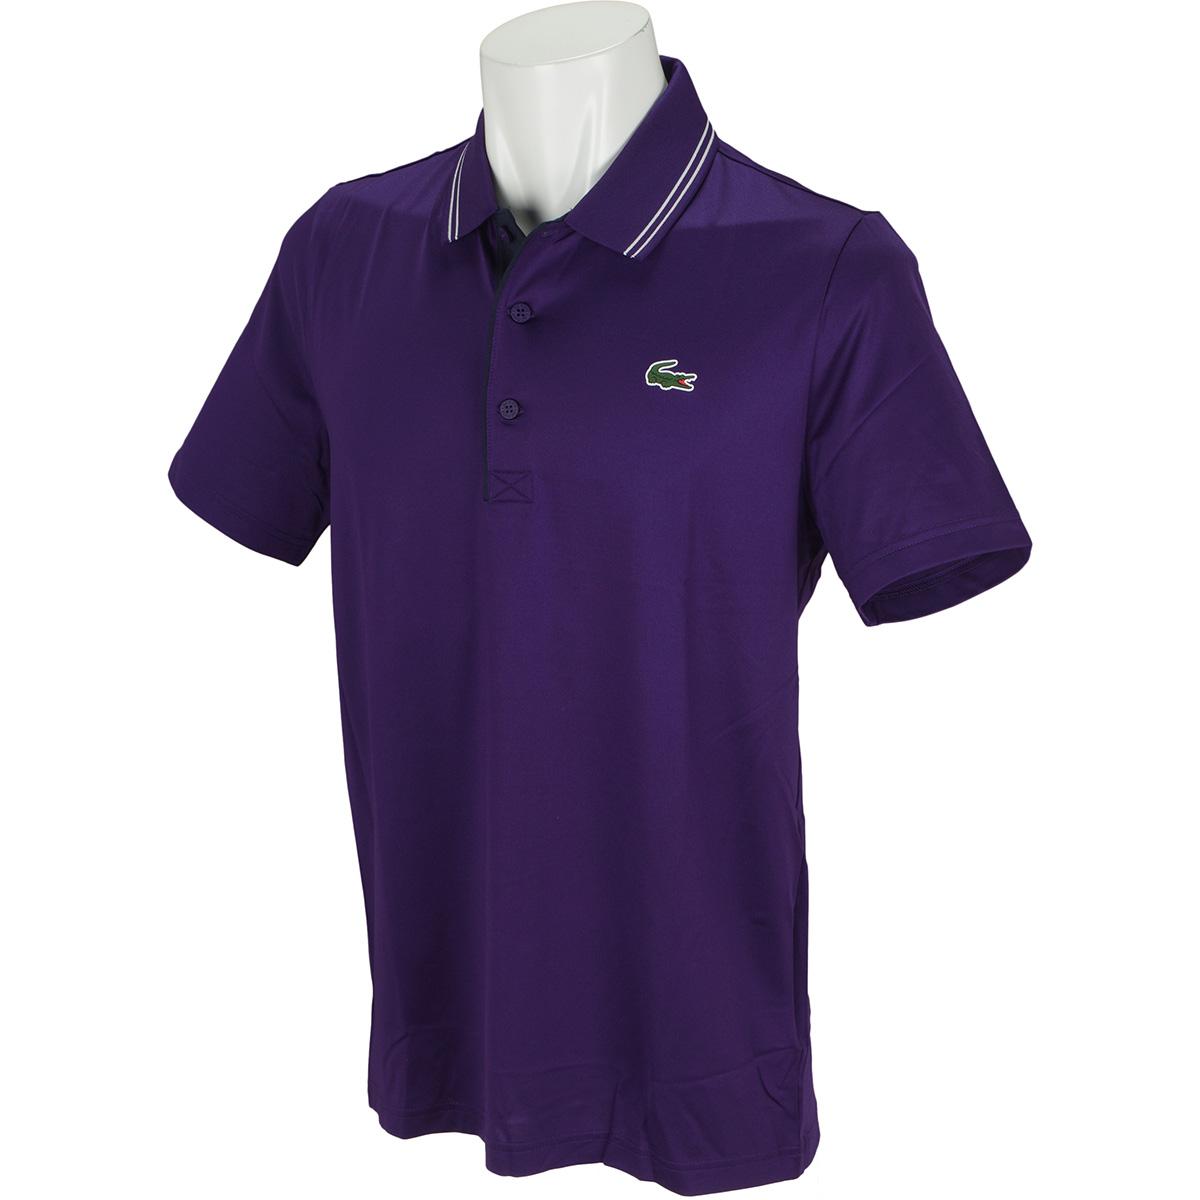 ウルトラドライ仕様 ゴルフ半袖ポロシャツ